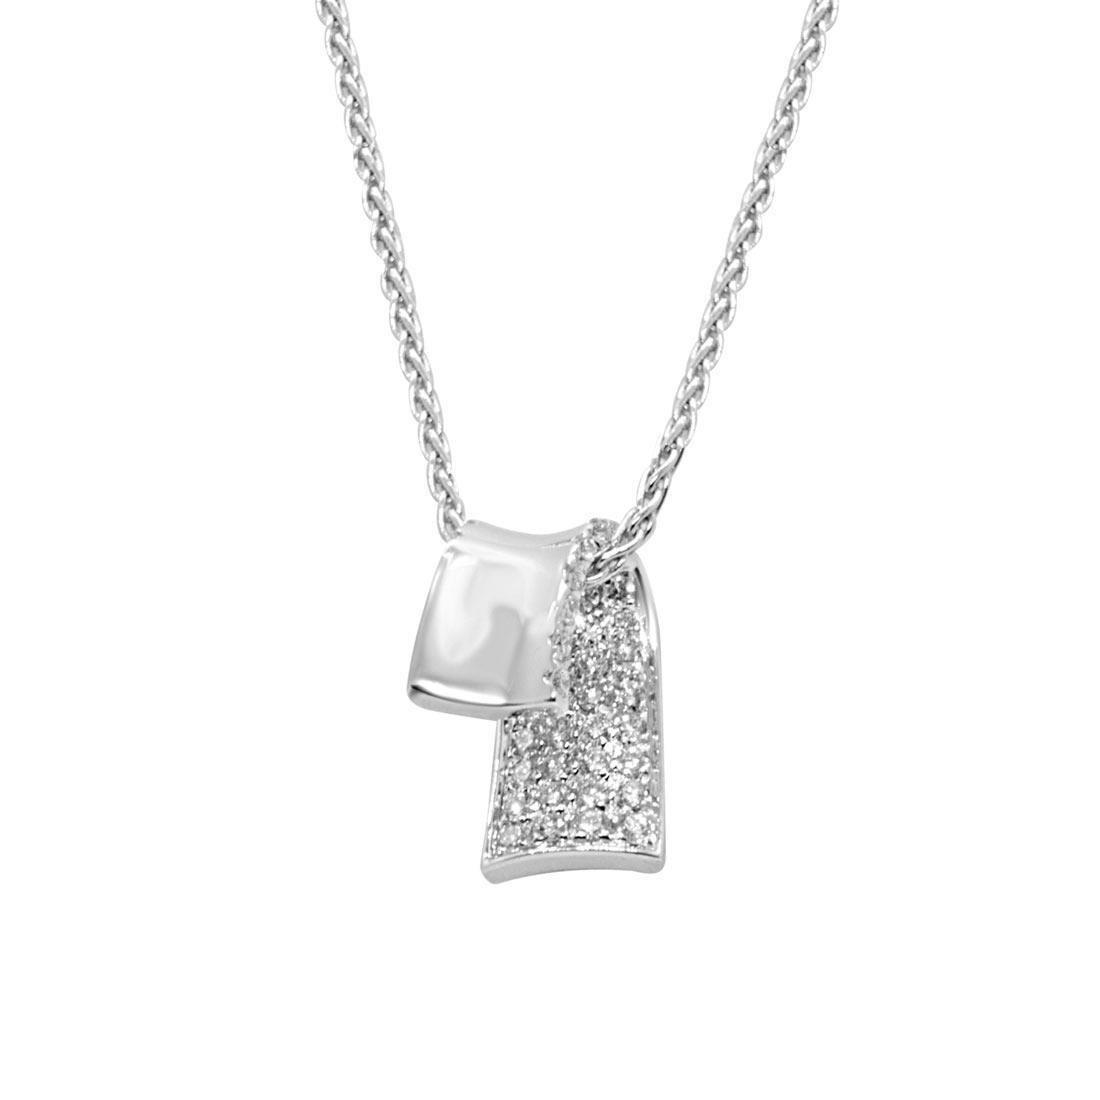 Collana in oro bianco con pendente - ALFIERI & ST. JOHN